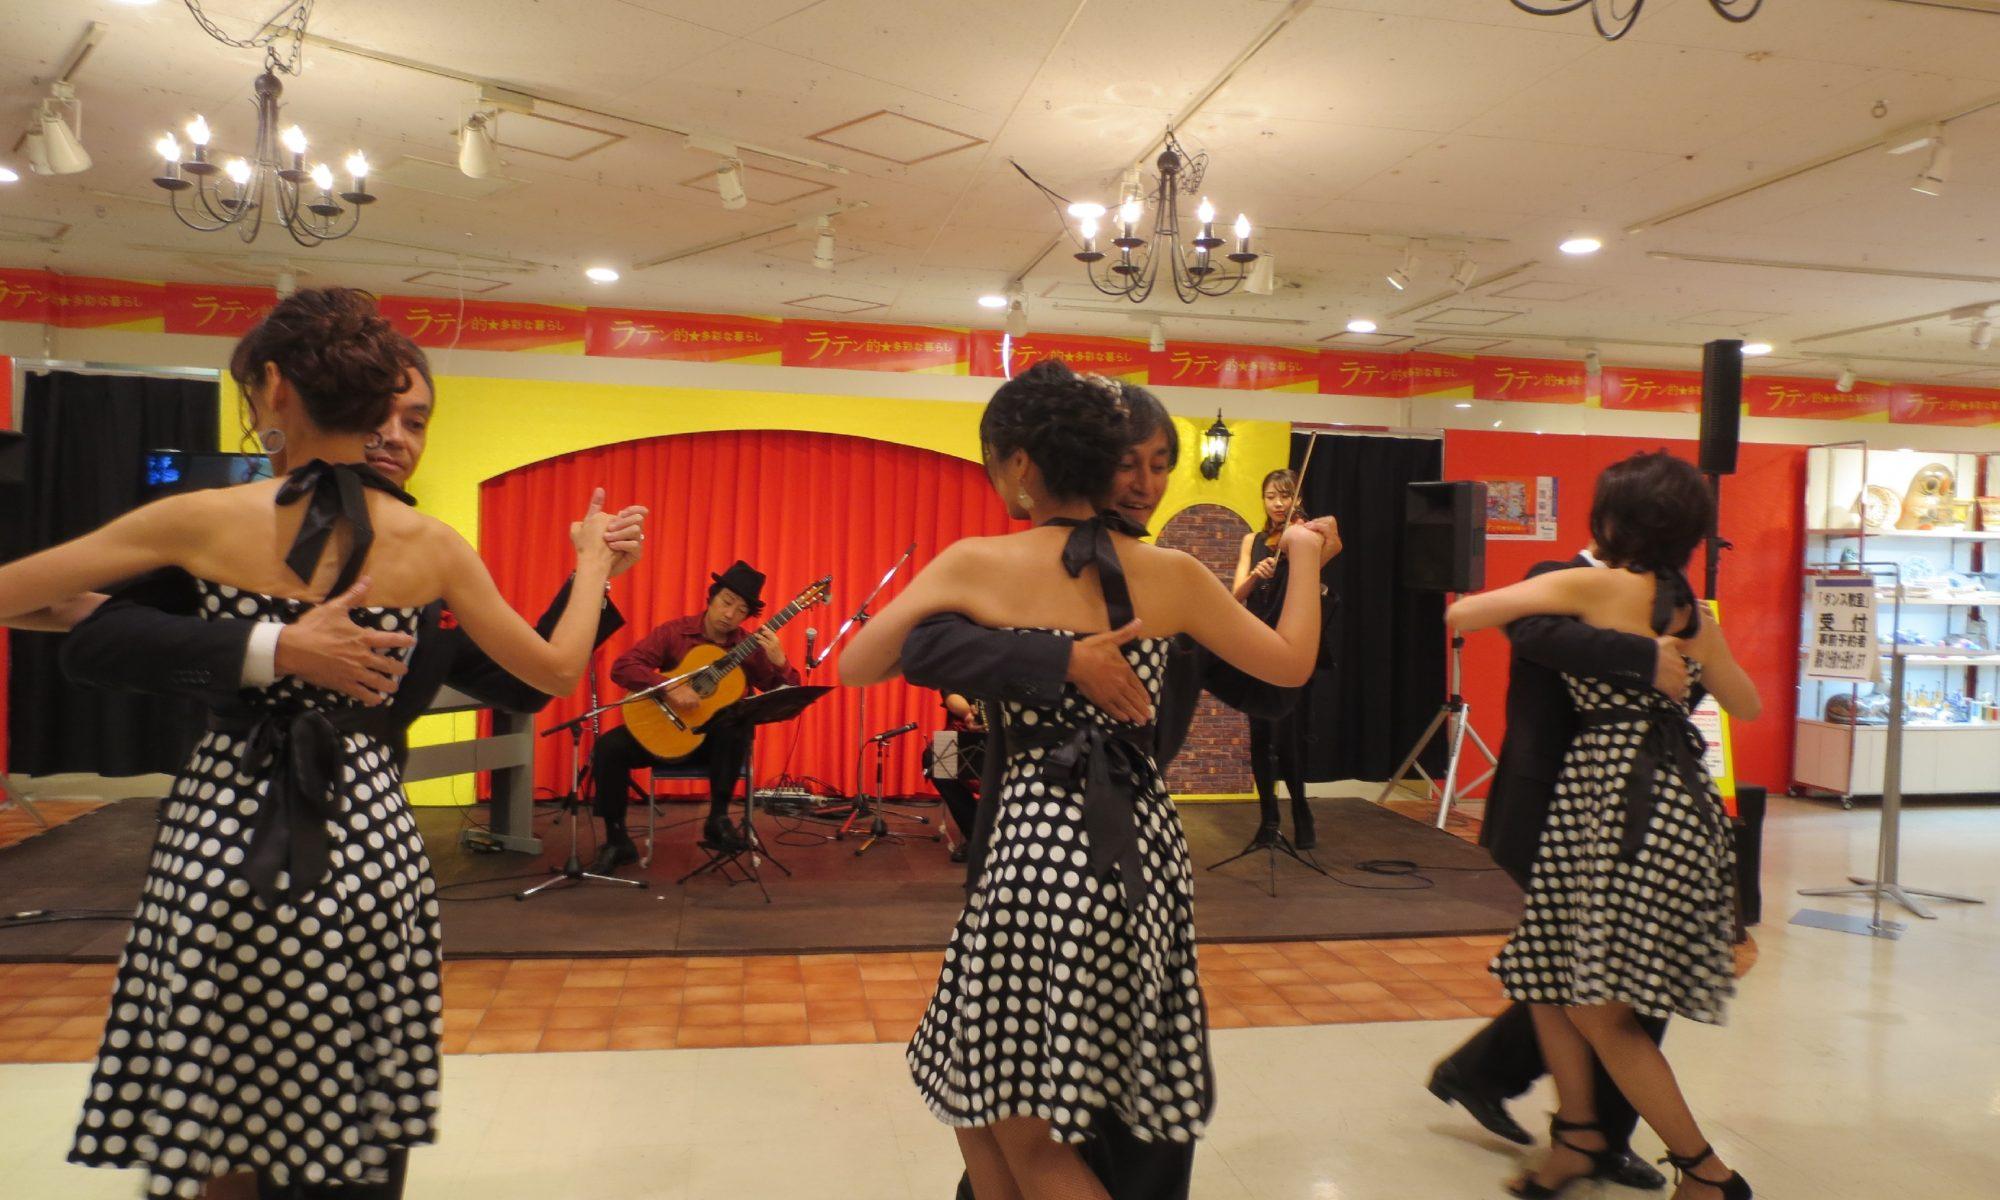 阪急百貨店梅田 アルゼンチンタンゴ バンドネオン ギター バイオリン ピアノ